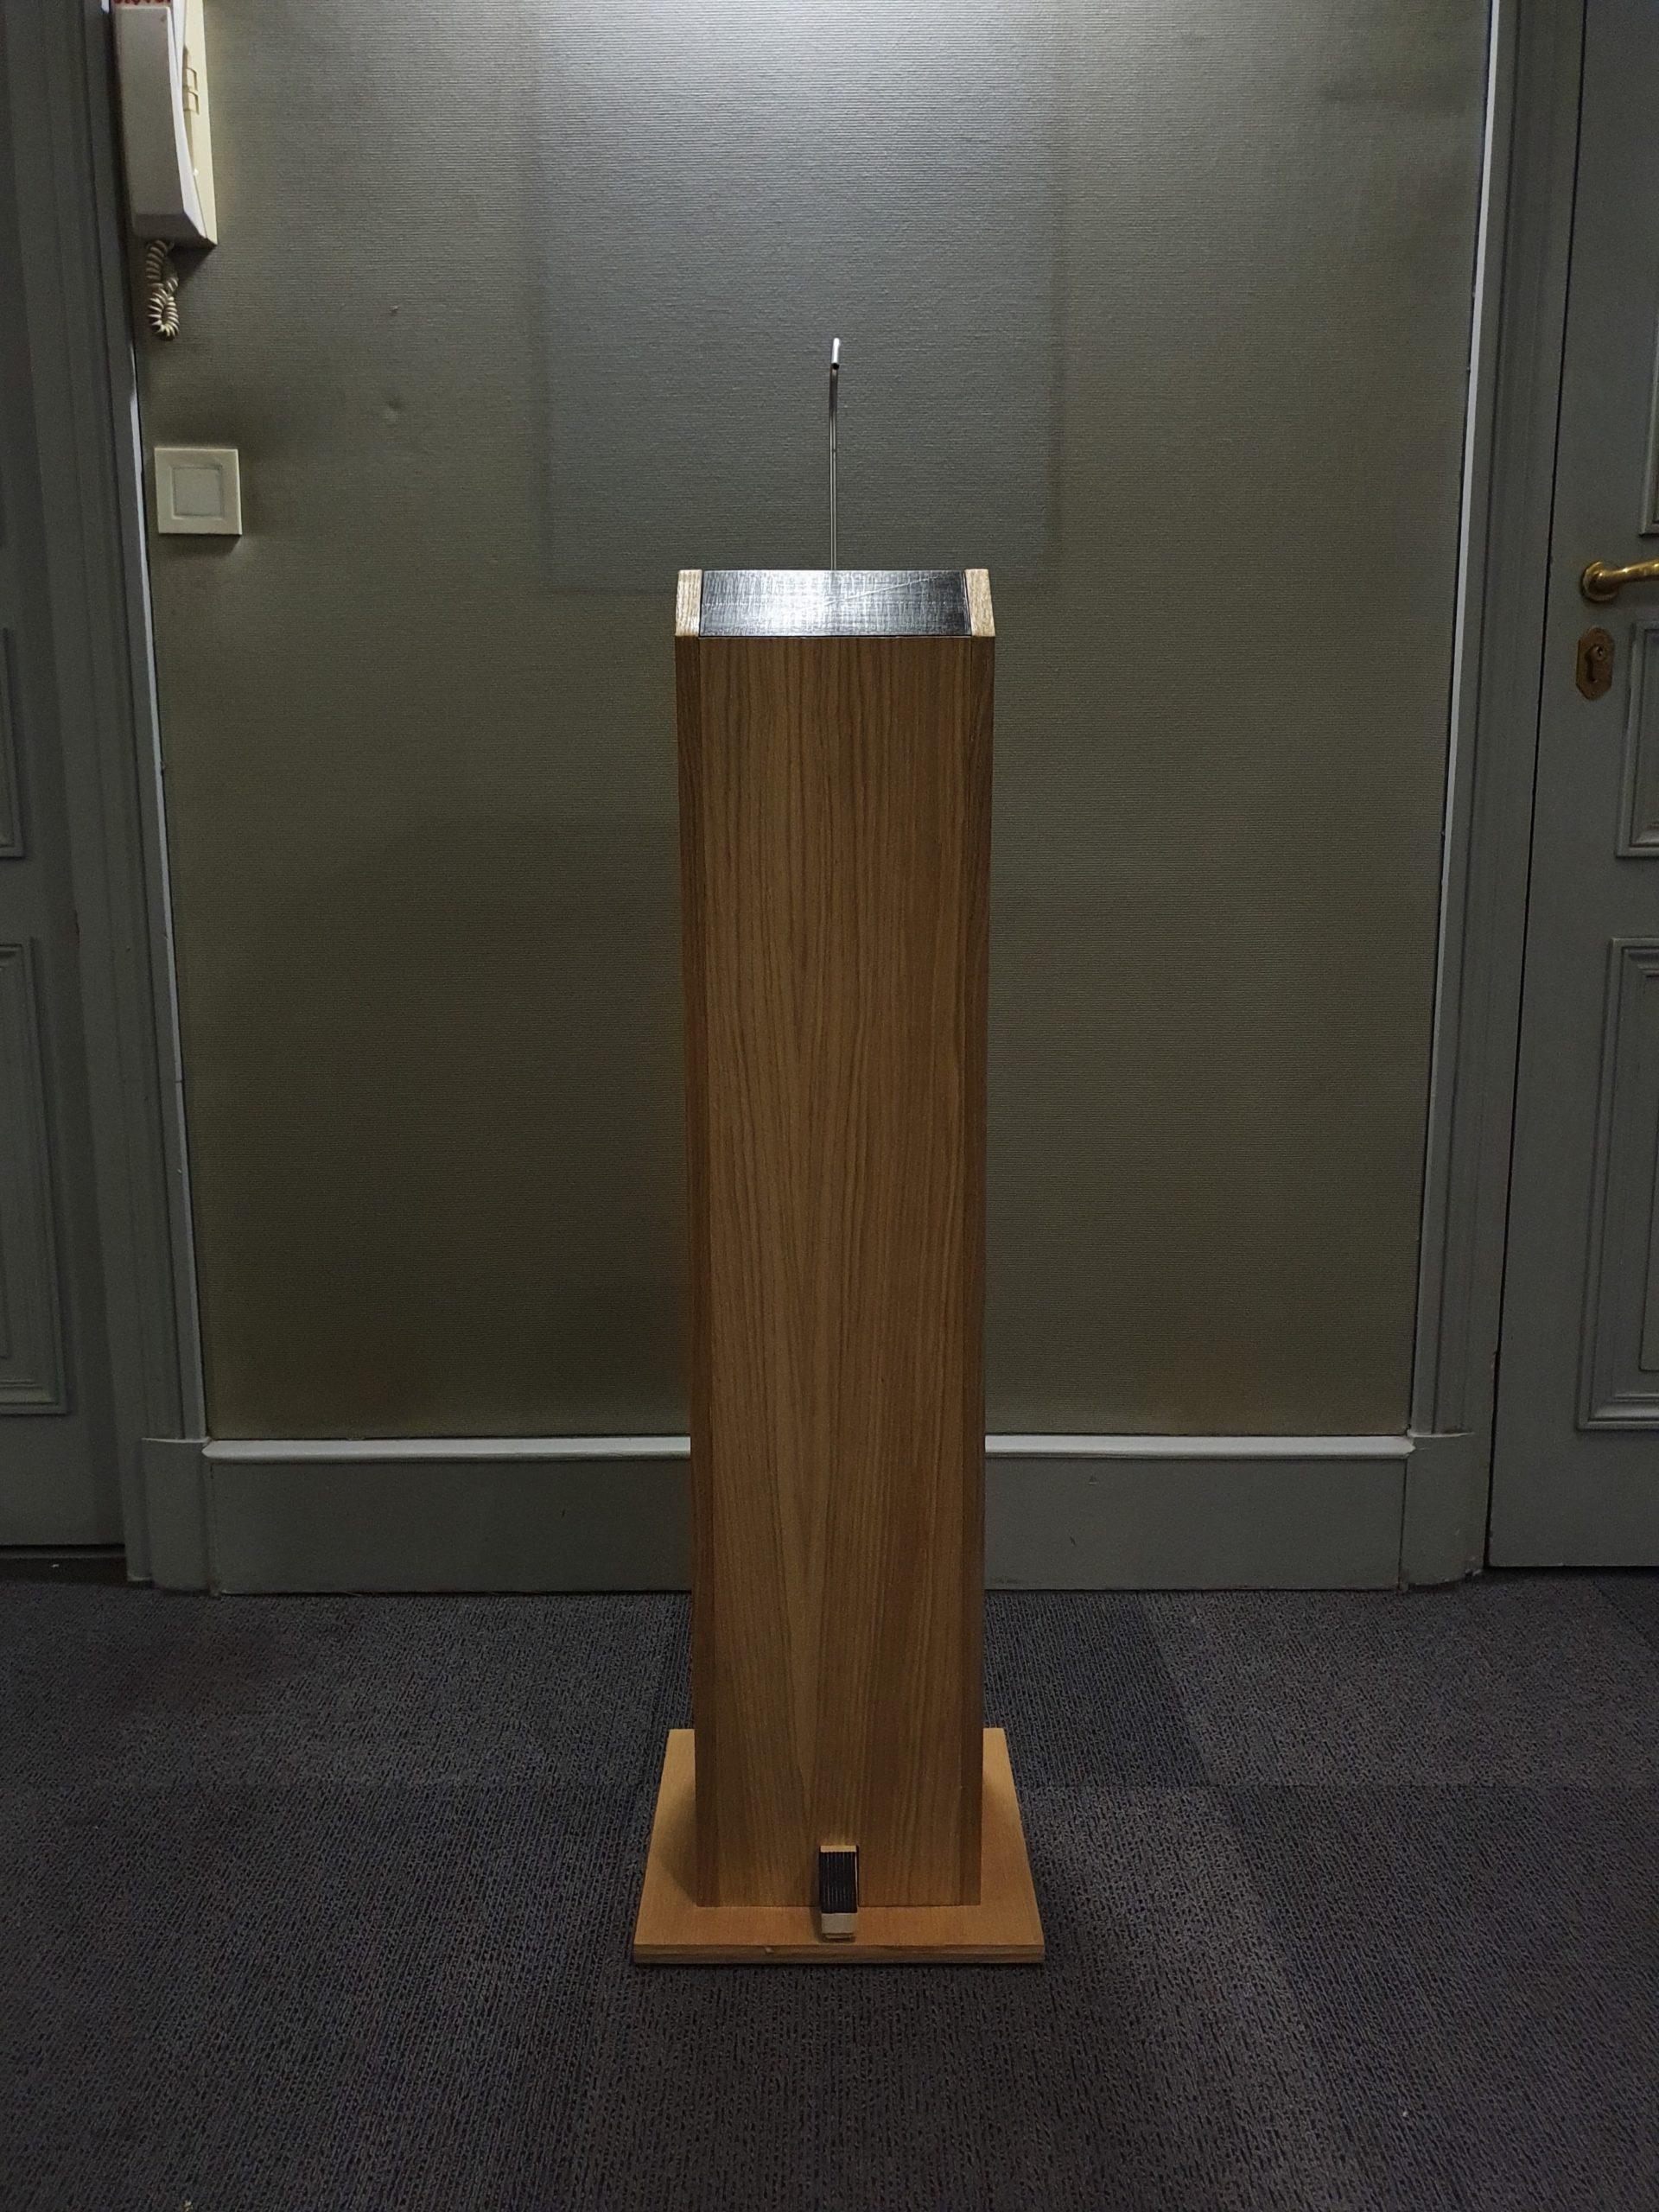 Gégé distributeur totem de gel hydroalcoolique en bois grande capacité 5L sans contact et autonome vue frontale